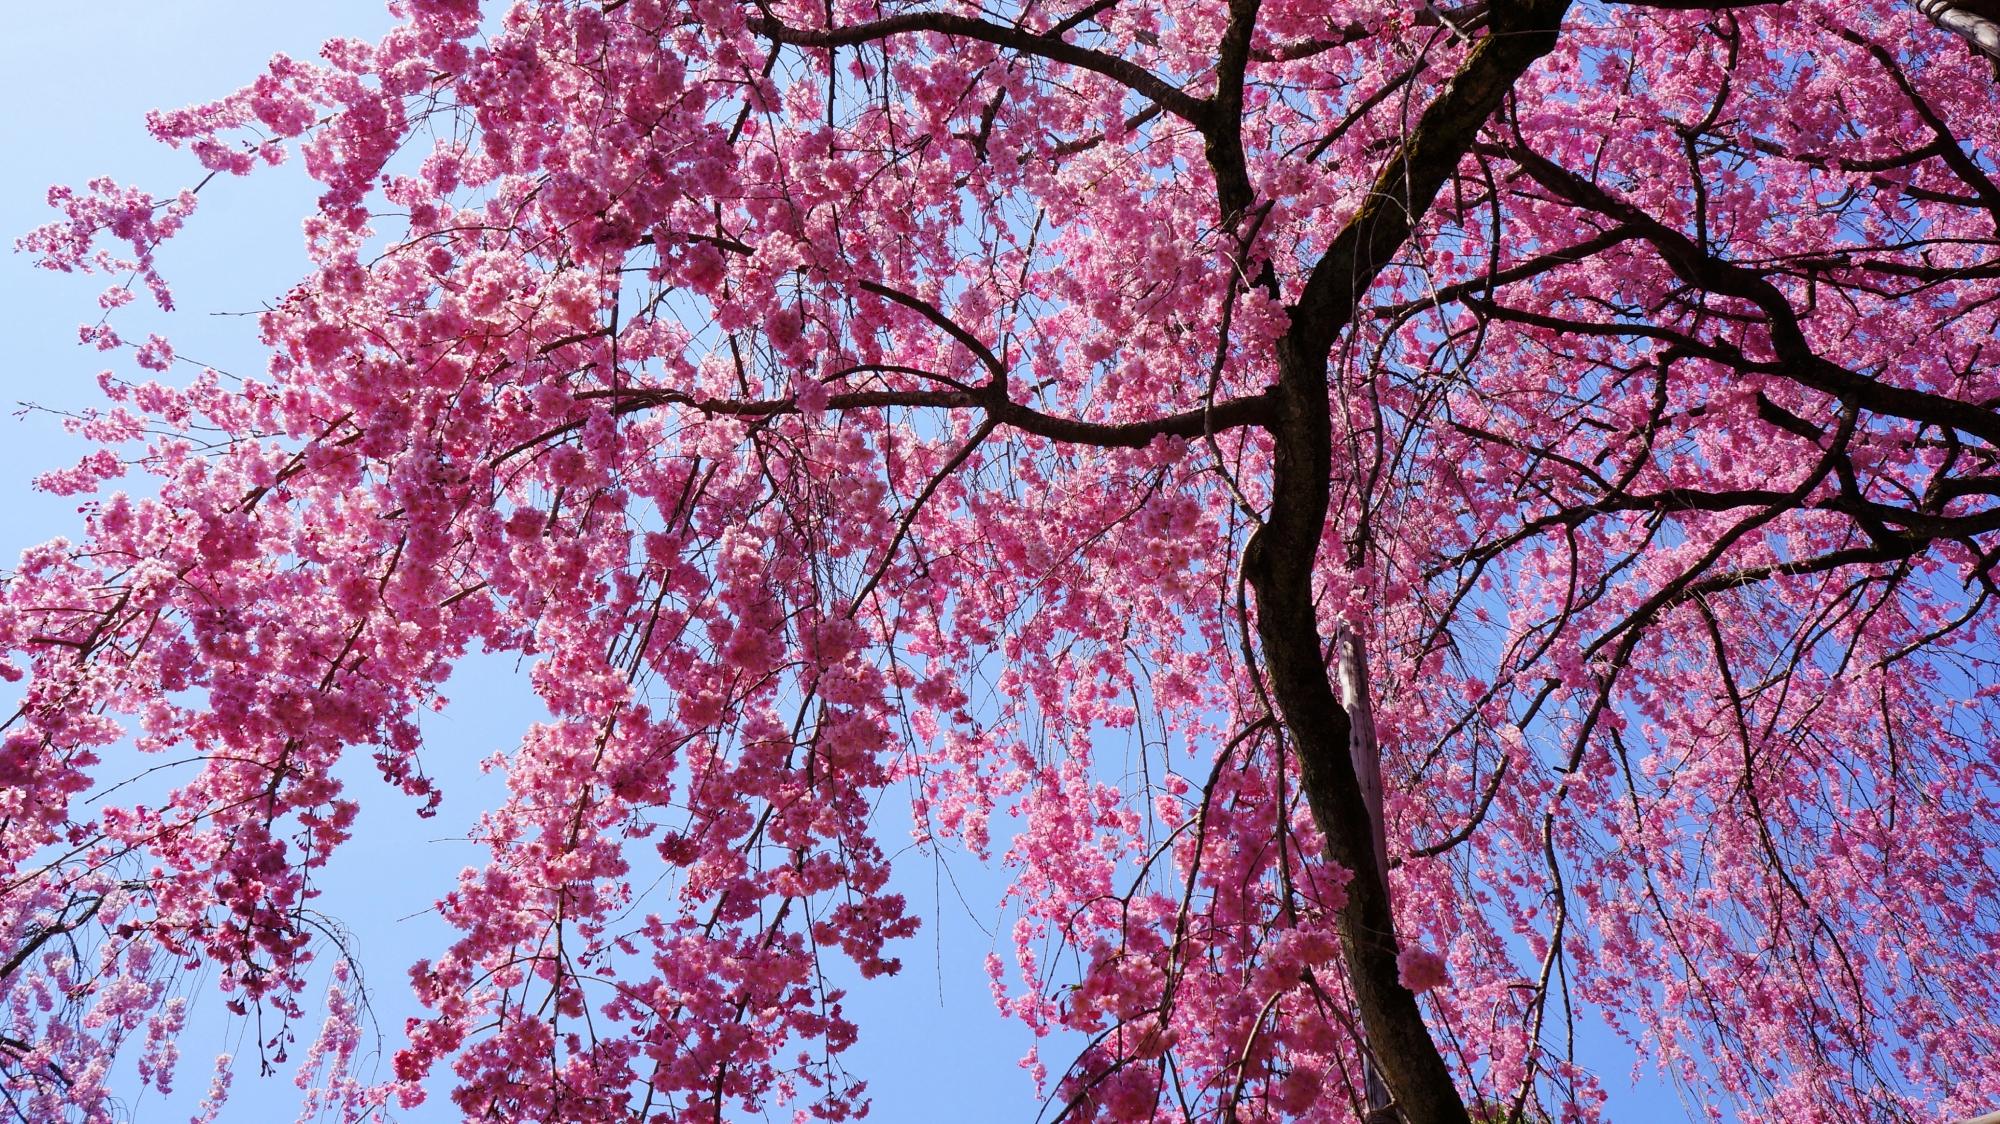 青空を彩る鮮やかなピンクの桜